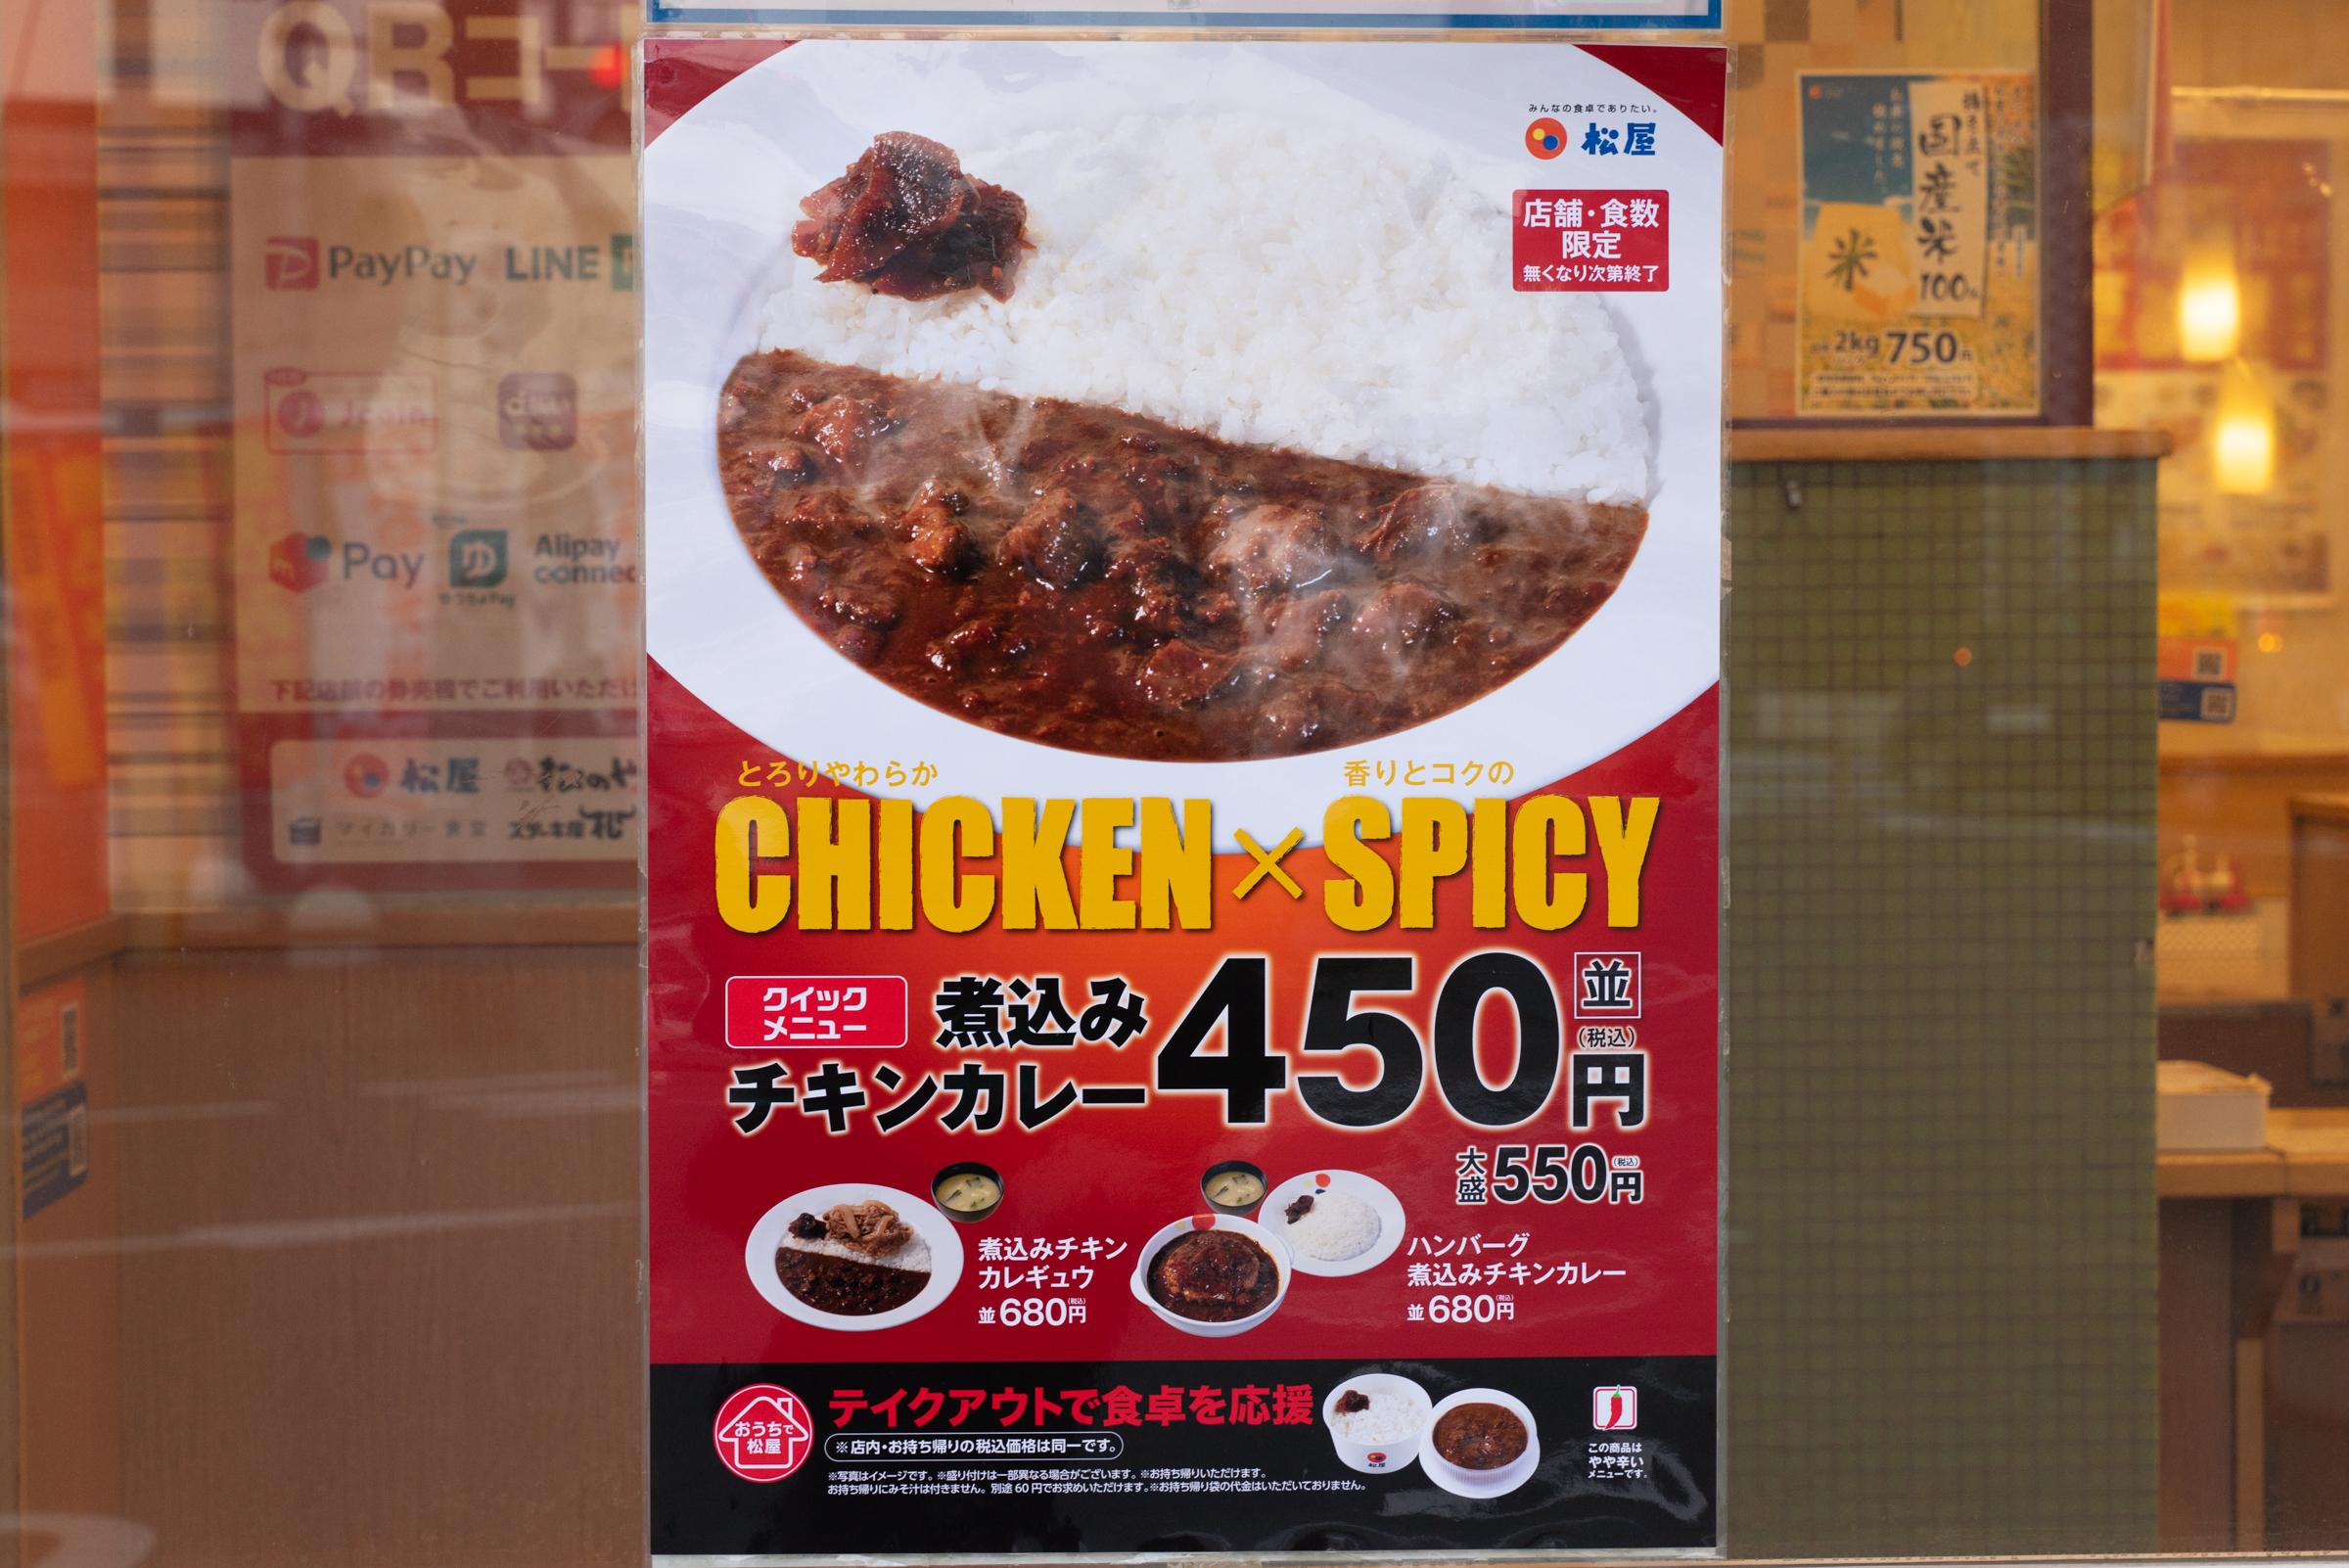 今度のテストメニューはチキンでスパイシー! 松屋「煮込みチキンカレー」を食べてみた